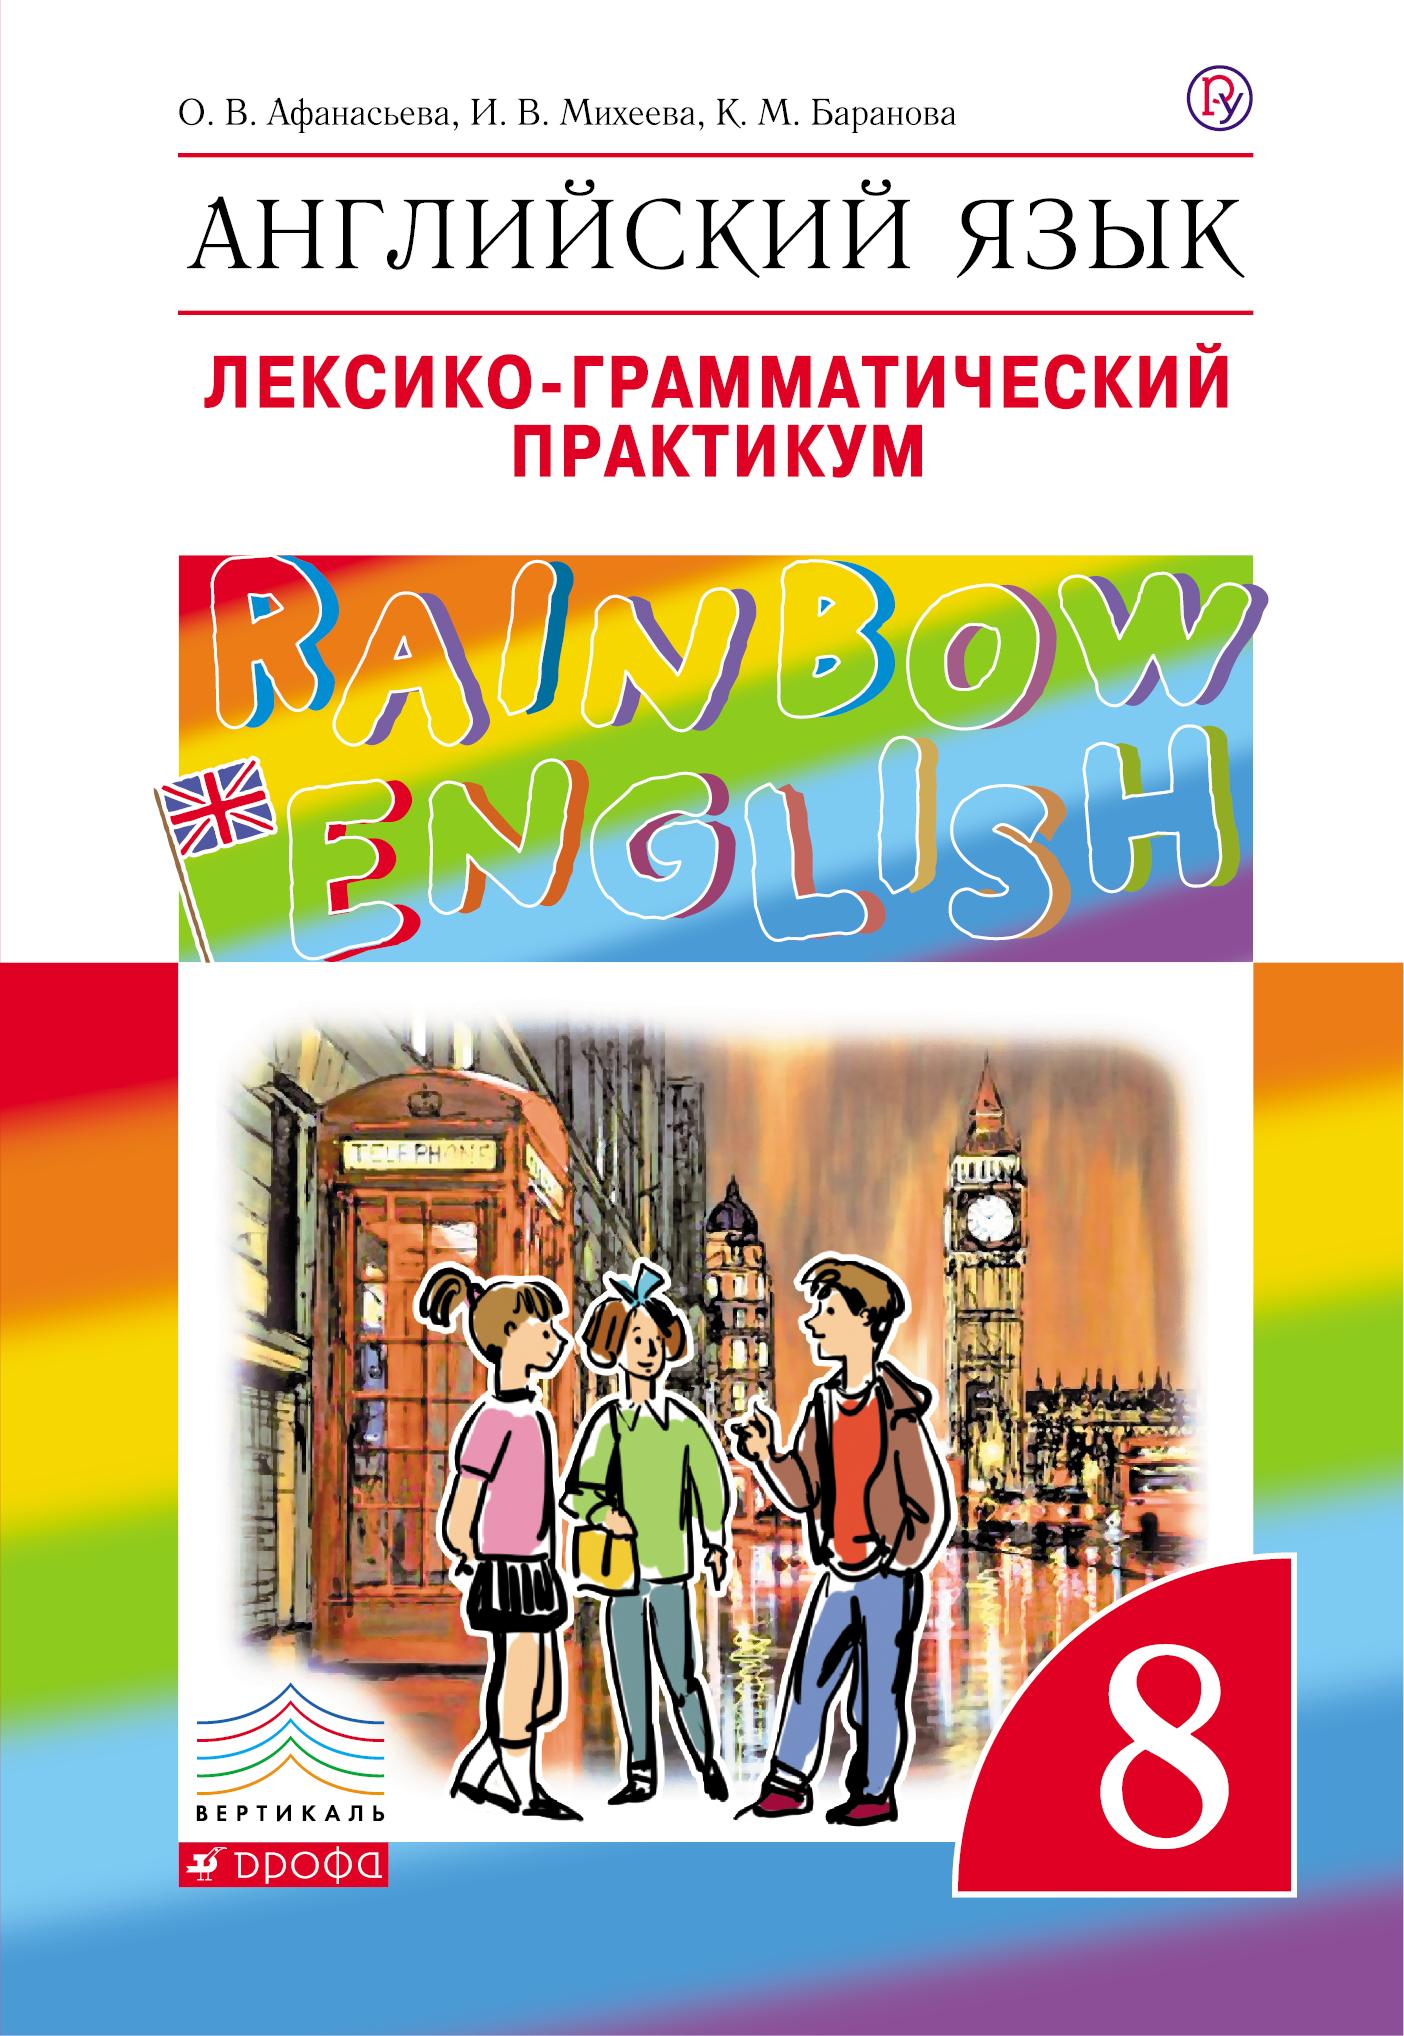 Скачать учебник английский язык 8 кл и.в.михеева бесплатно